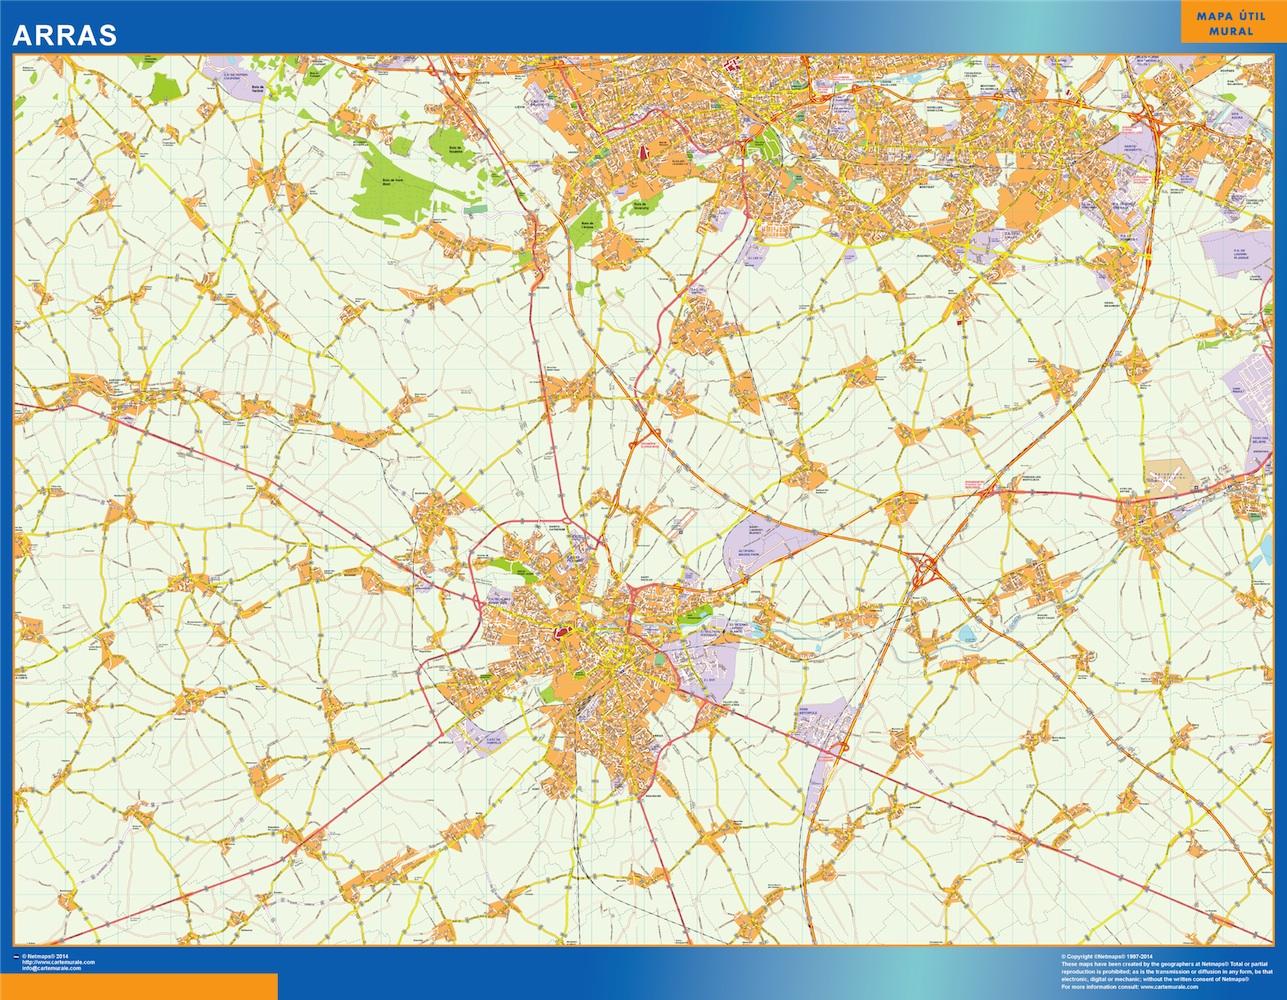 arras street map